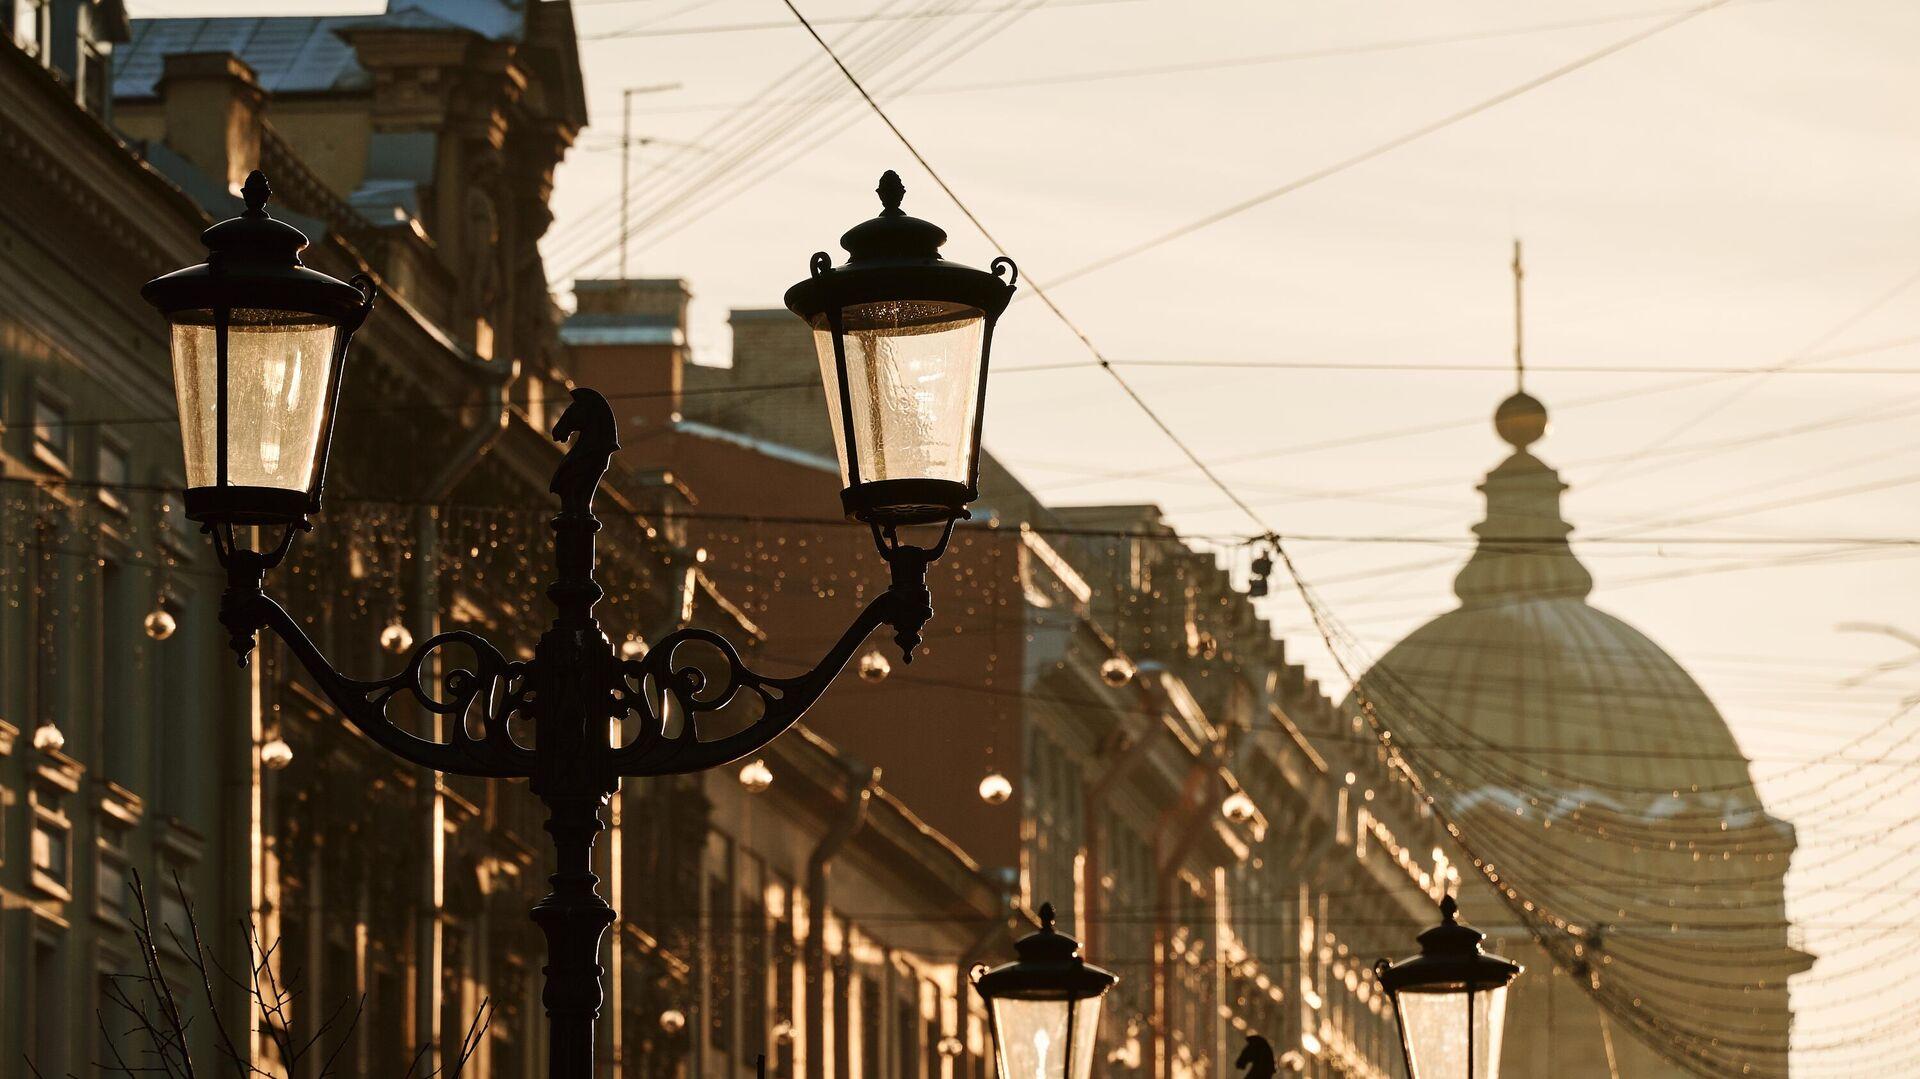 Солнечный день в Санкт-Петербурге - РИА Новости, 1920, 01.08.2021